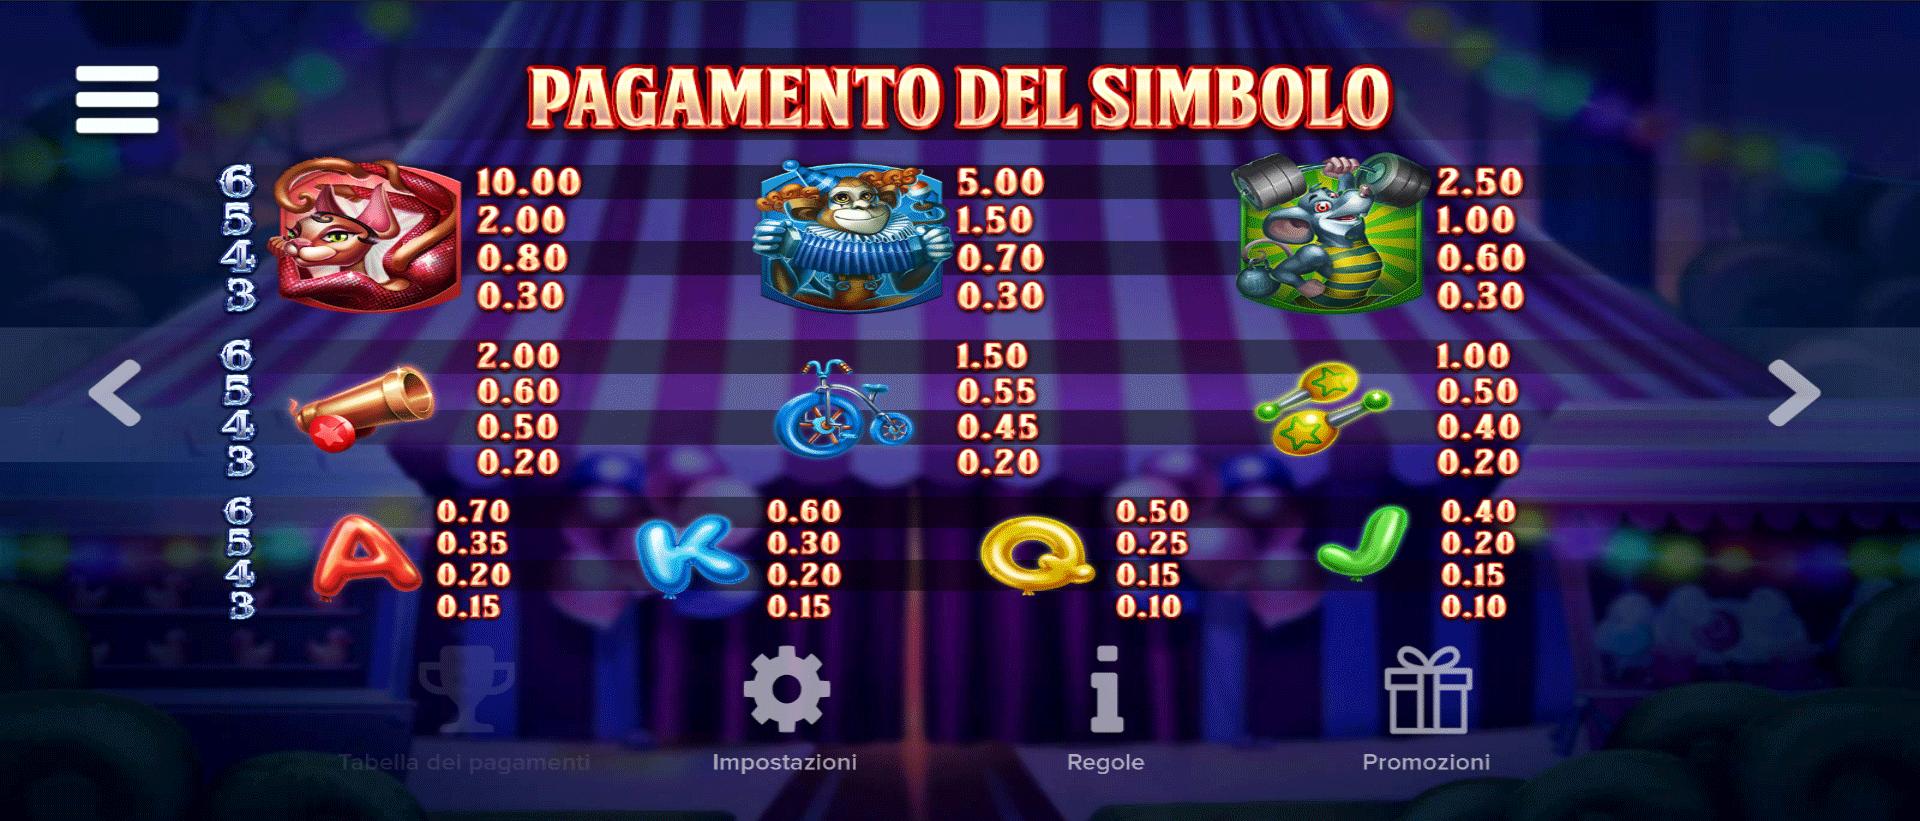 simboli della slot machine respin circus